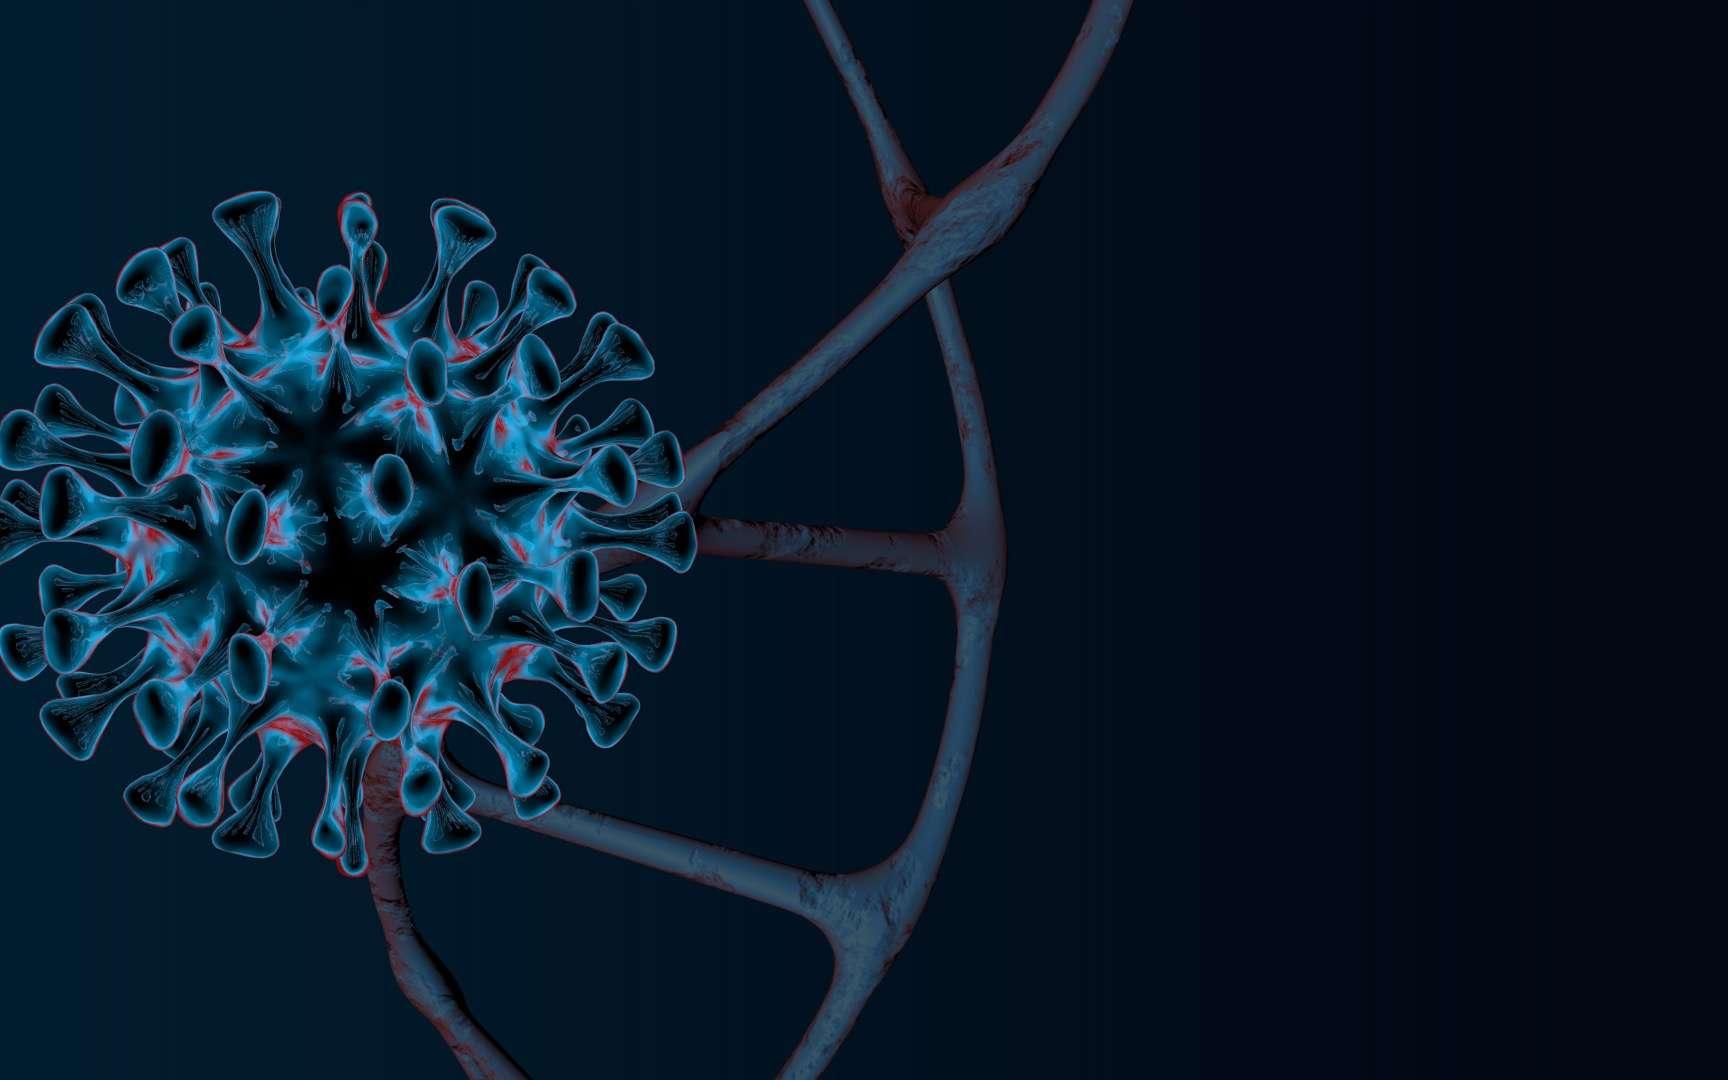 Le variant anglais du SARS-CoV-2 possède une nouvelle mutation. © maestrovideo, Adobe Stock